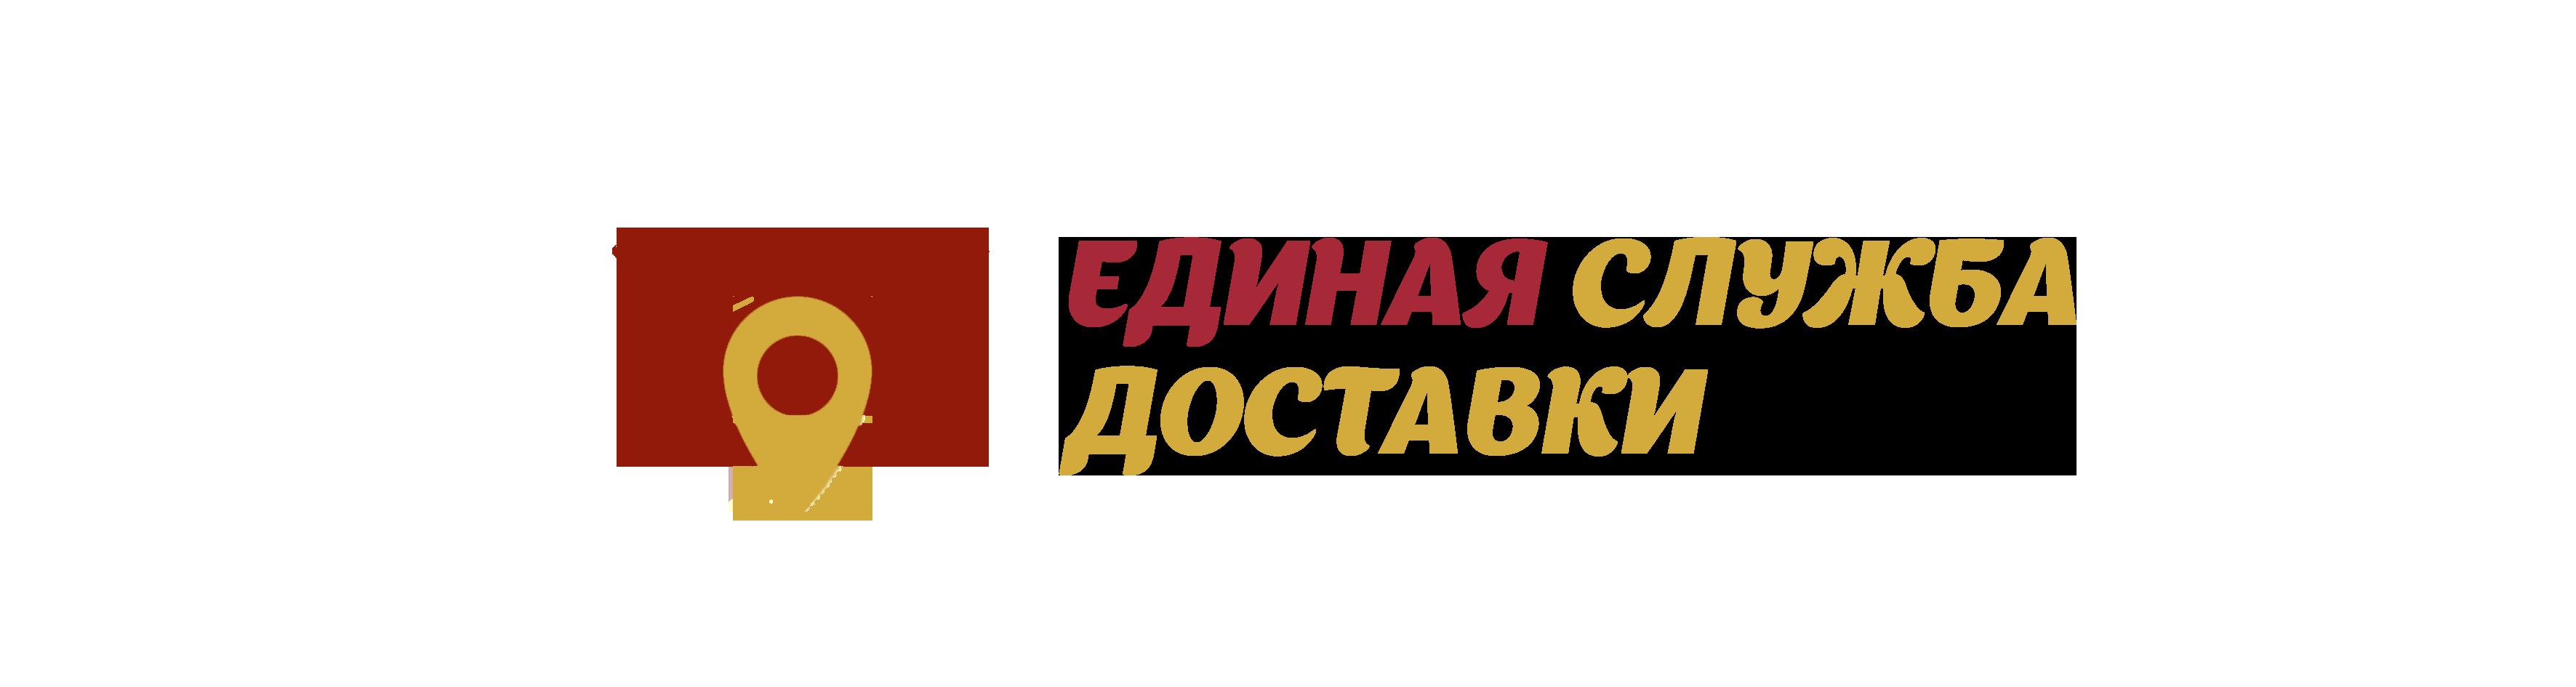 ИП Полуэктов Максим Николаевич